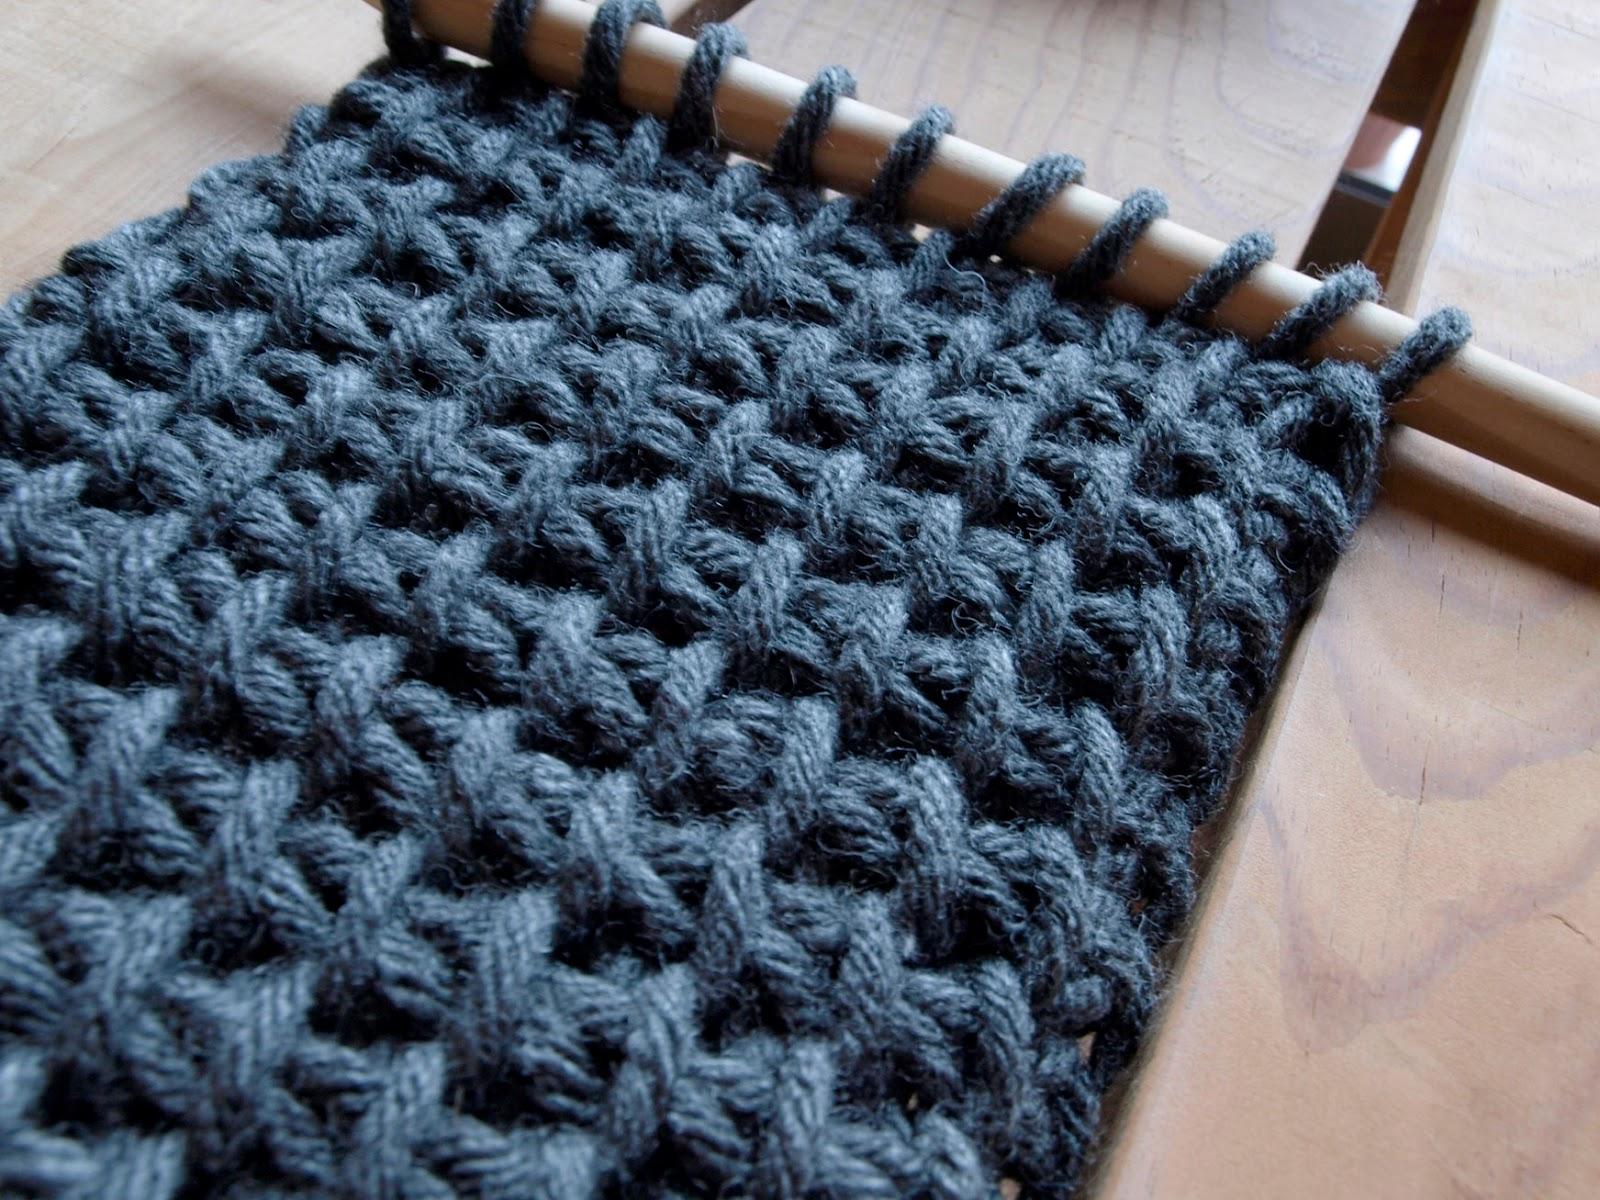 Puntobobo agujas de madera artesanales para tejer - Puntos de agujas de lana ...